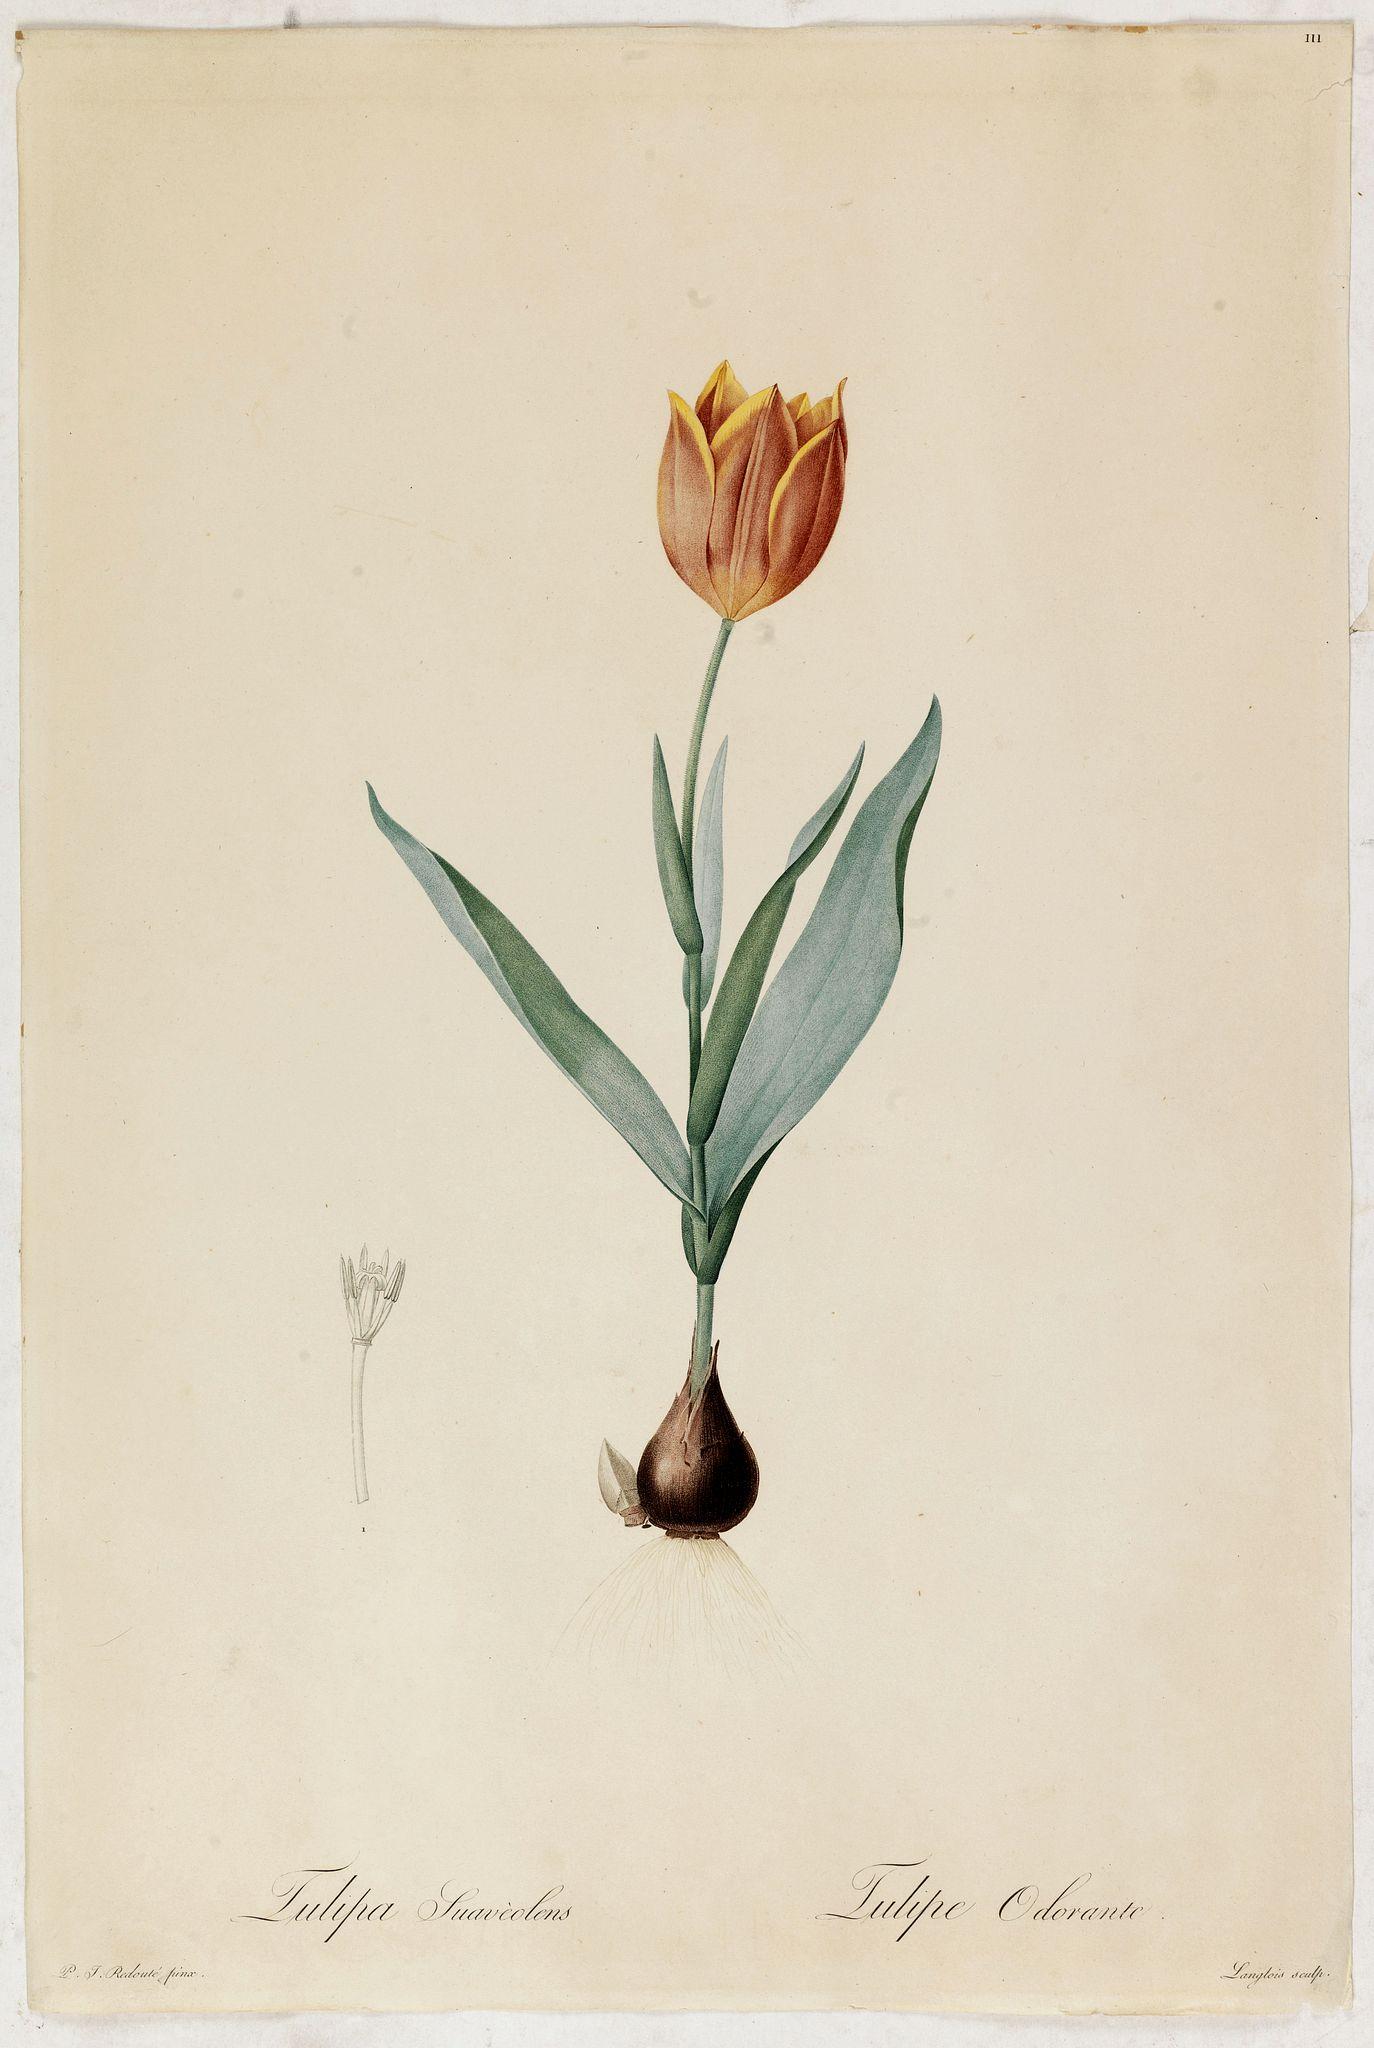 REDOUTÉ, P-J. -  Tulipa Suavéolens Tulipe Odorante.